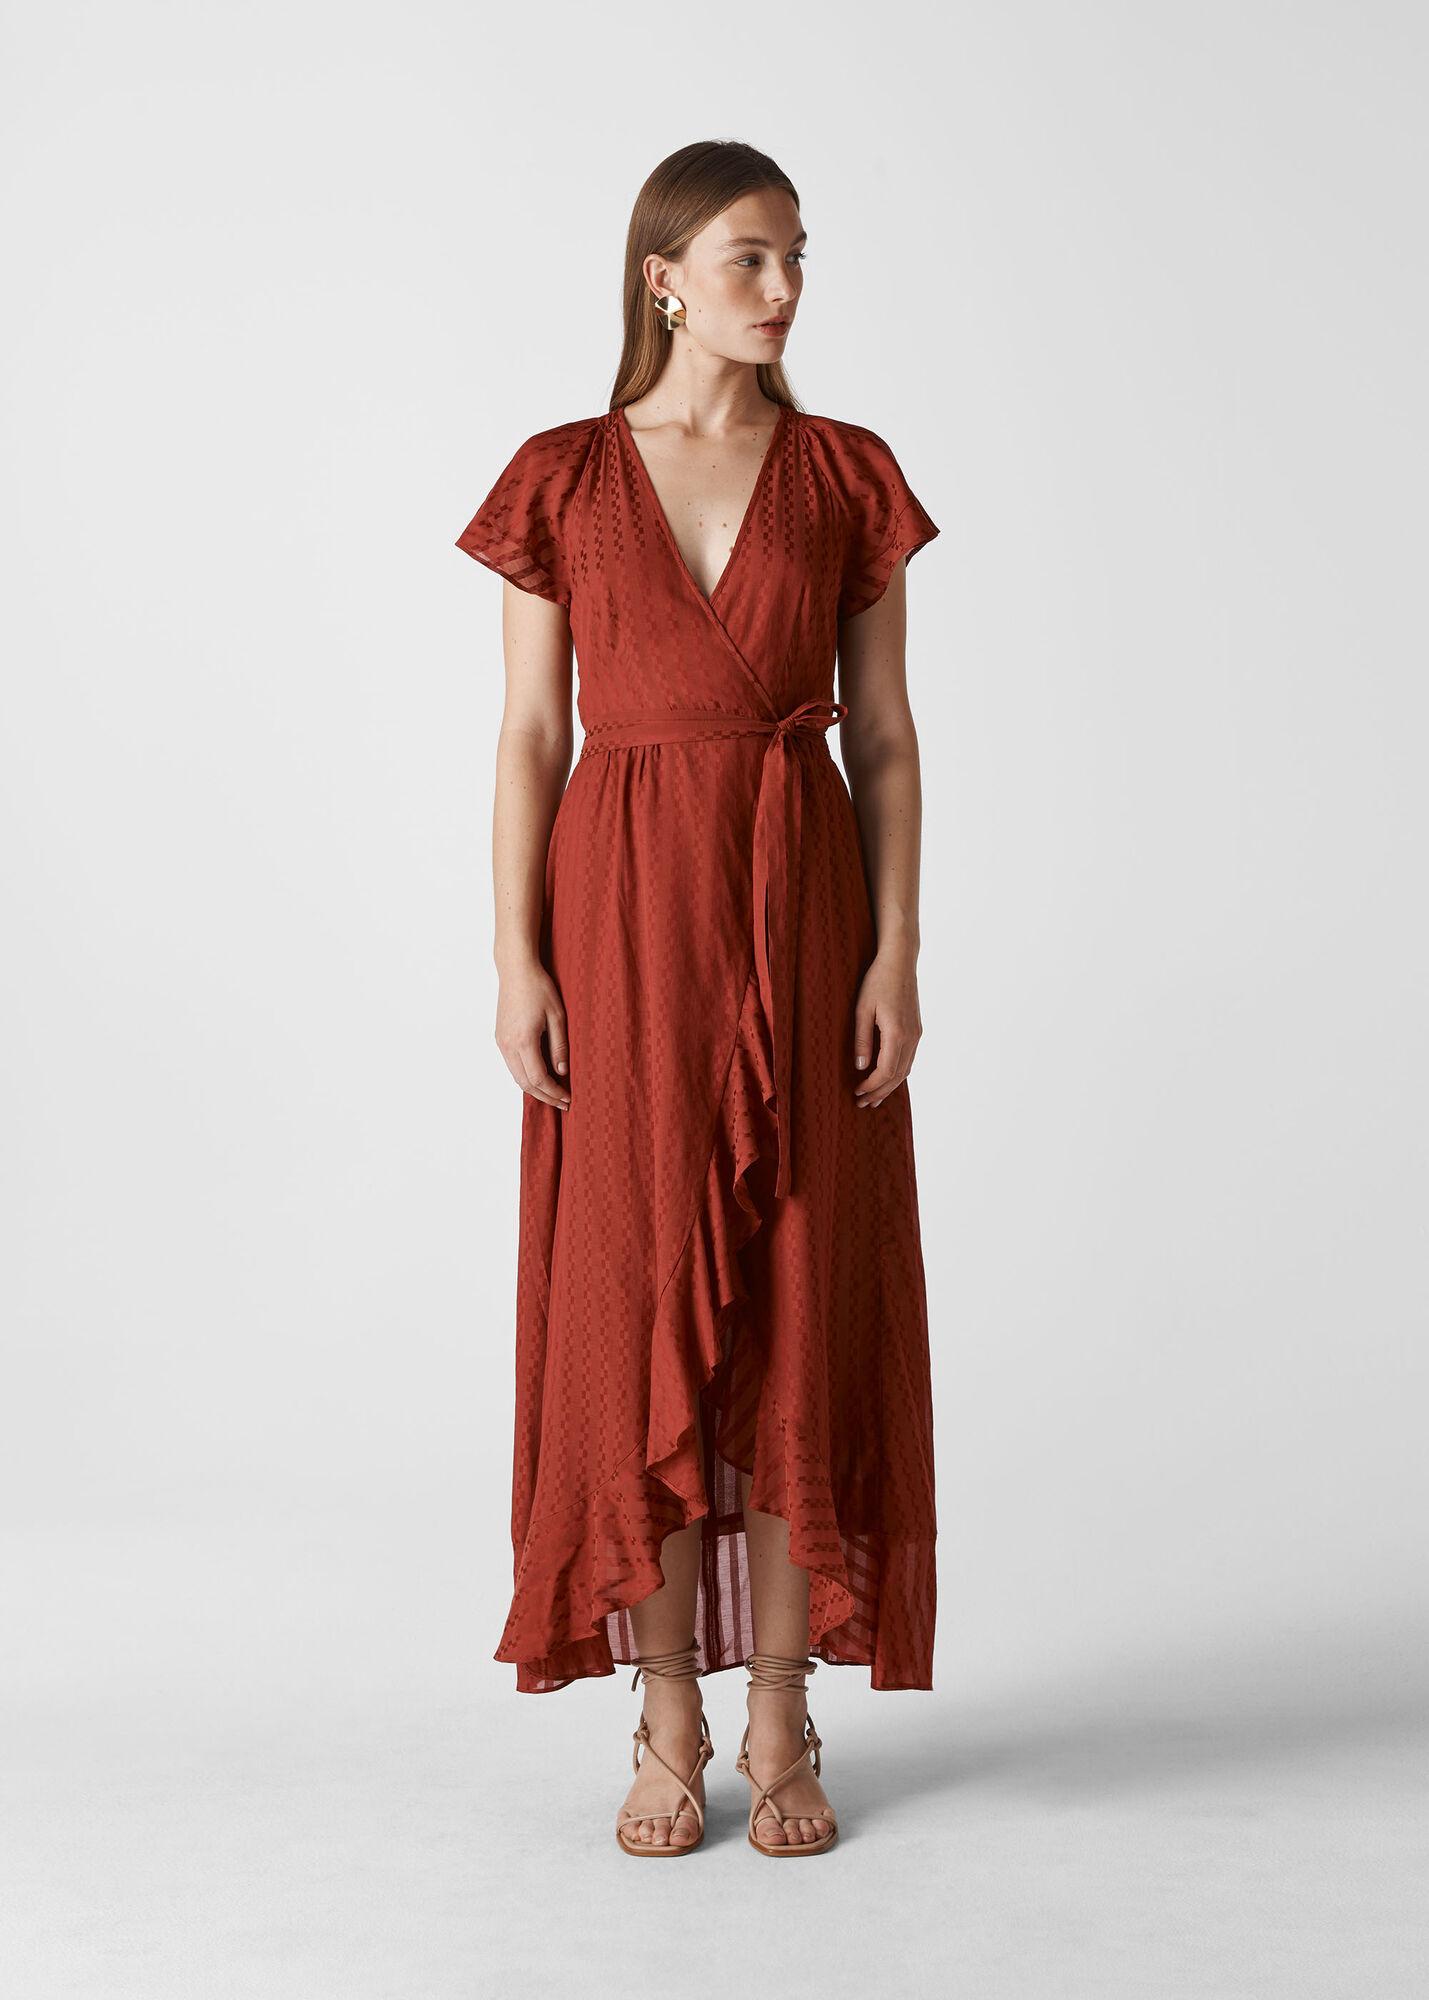 Nolita Wrap Maxi Dress